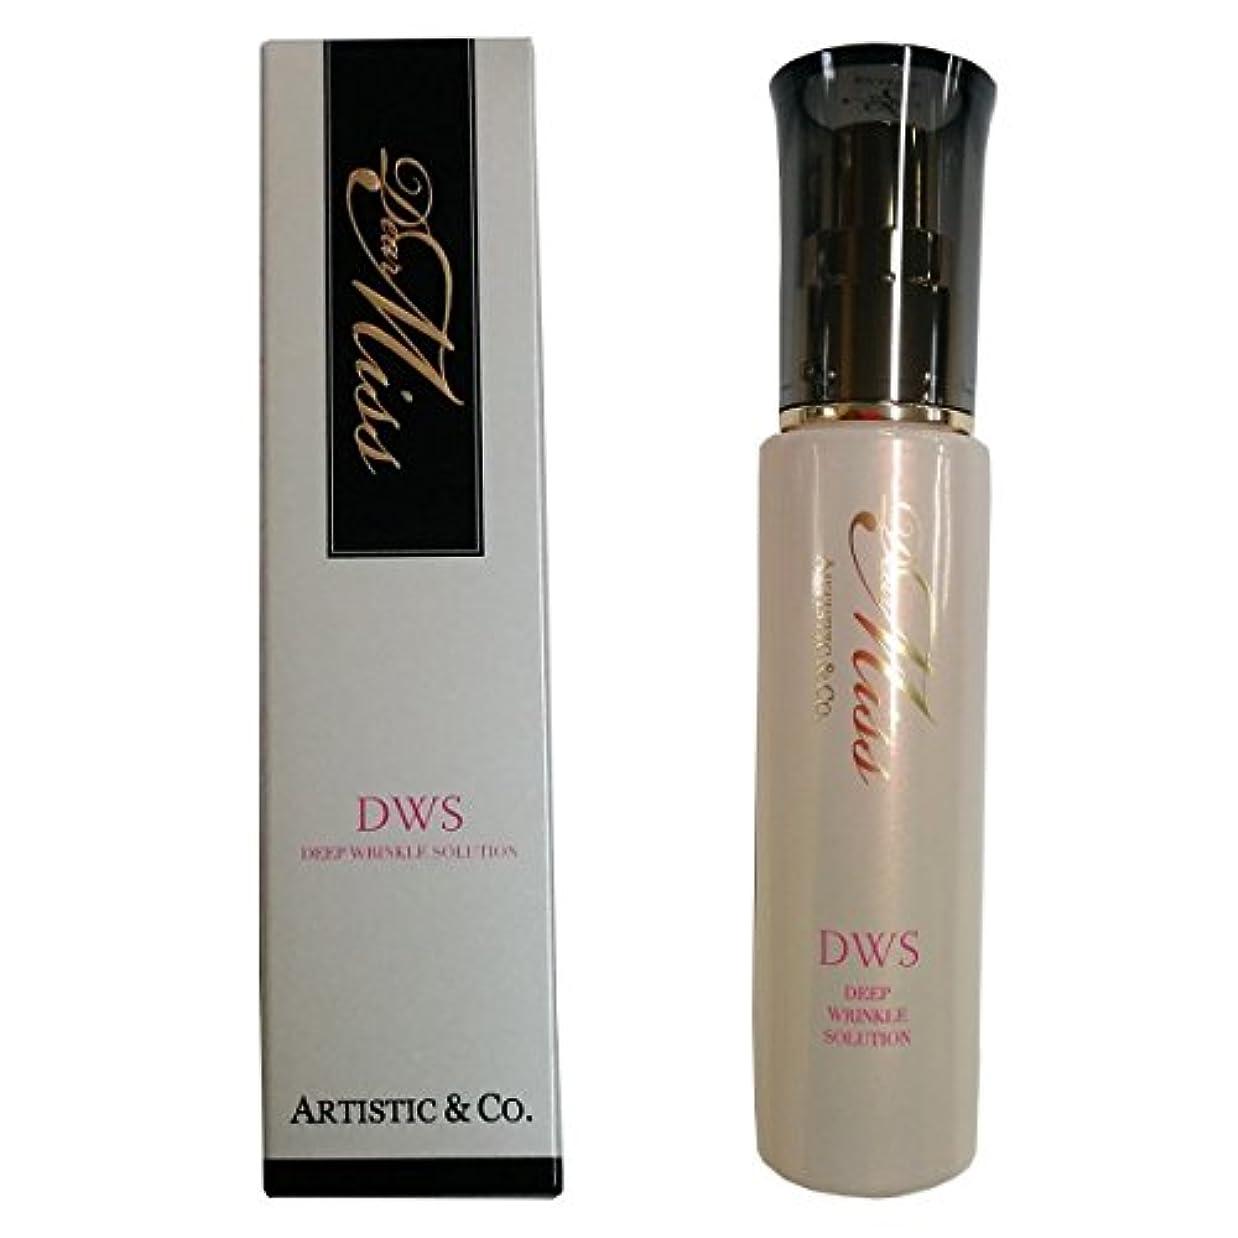 くびれたウェブ彼らDEAR MISS(ディア ミス) DWS 30ml DWS 専用集中美容液